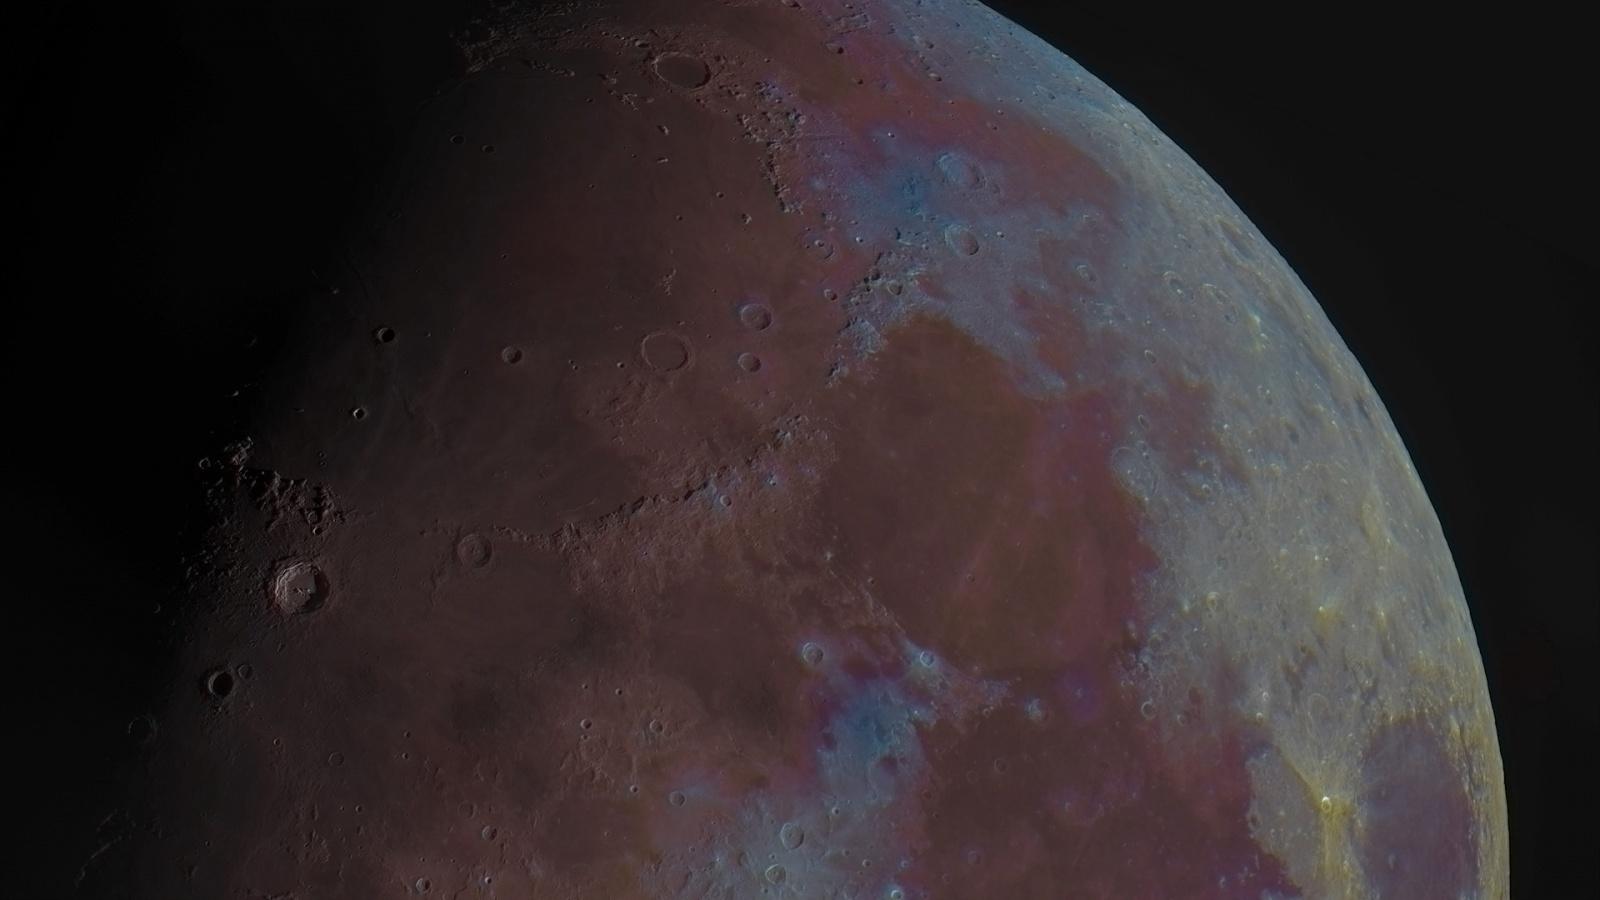 2021-06-19-2028_6-U-L-Moon_ZWO-ASI178MC_lapl5_ap228_stitch-P02-test.thumb.jpg.8a22d0688c7cb1391198233740c62844.jpg